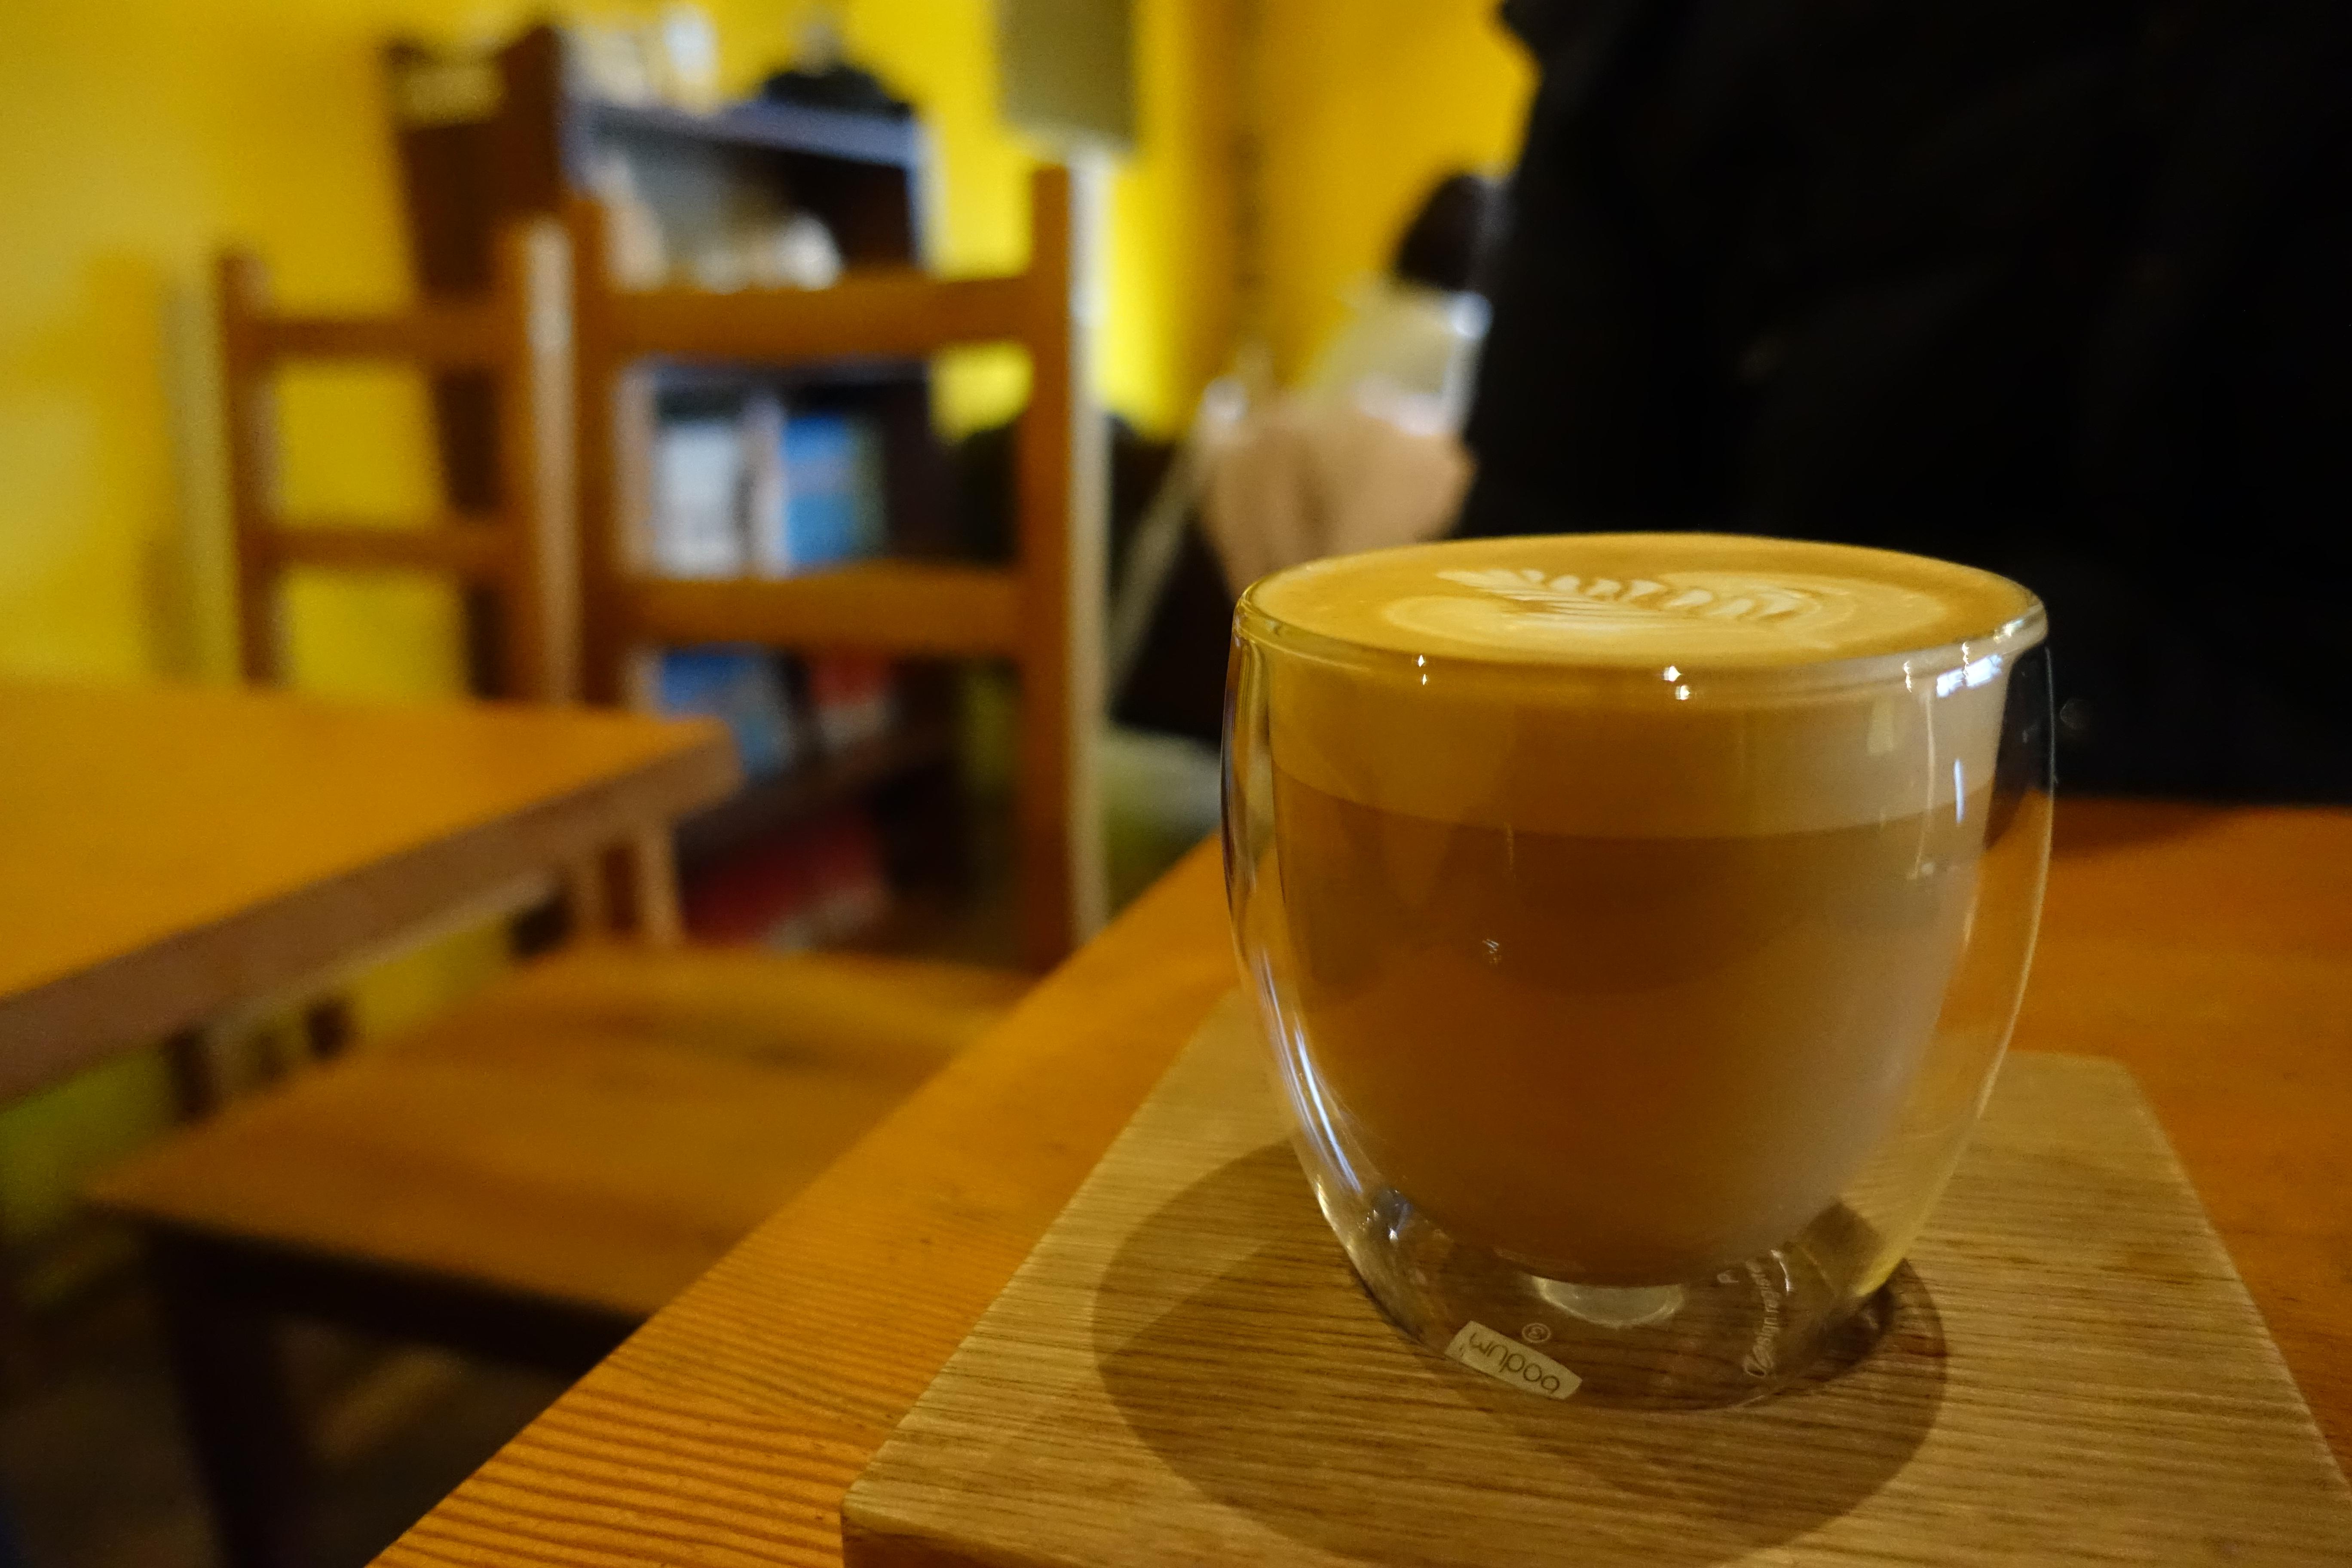 柳橋連合市場・manucoffee(マヌコーヒー)のカプチーノ